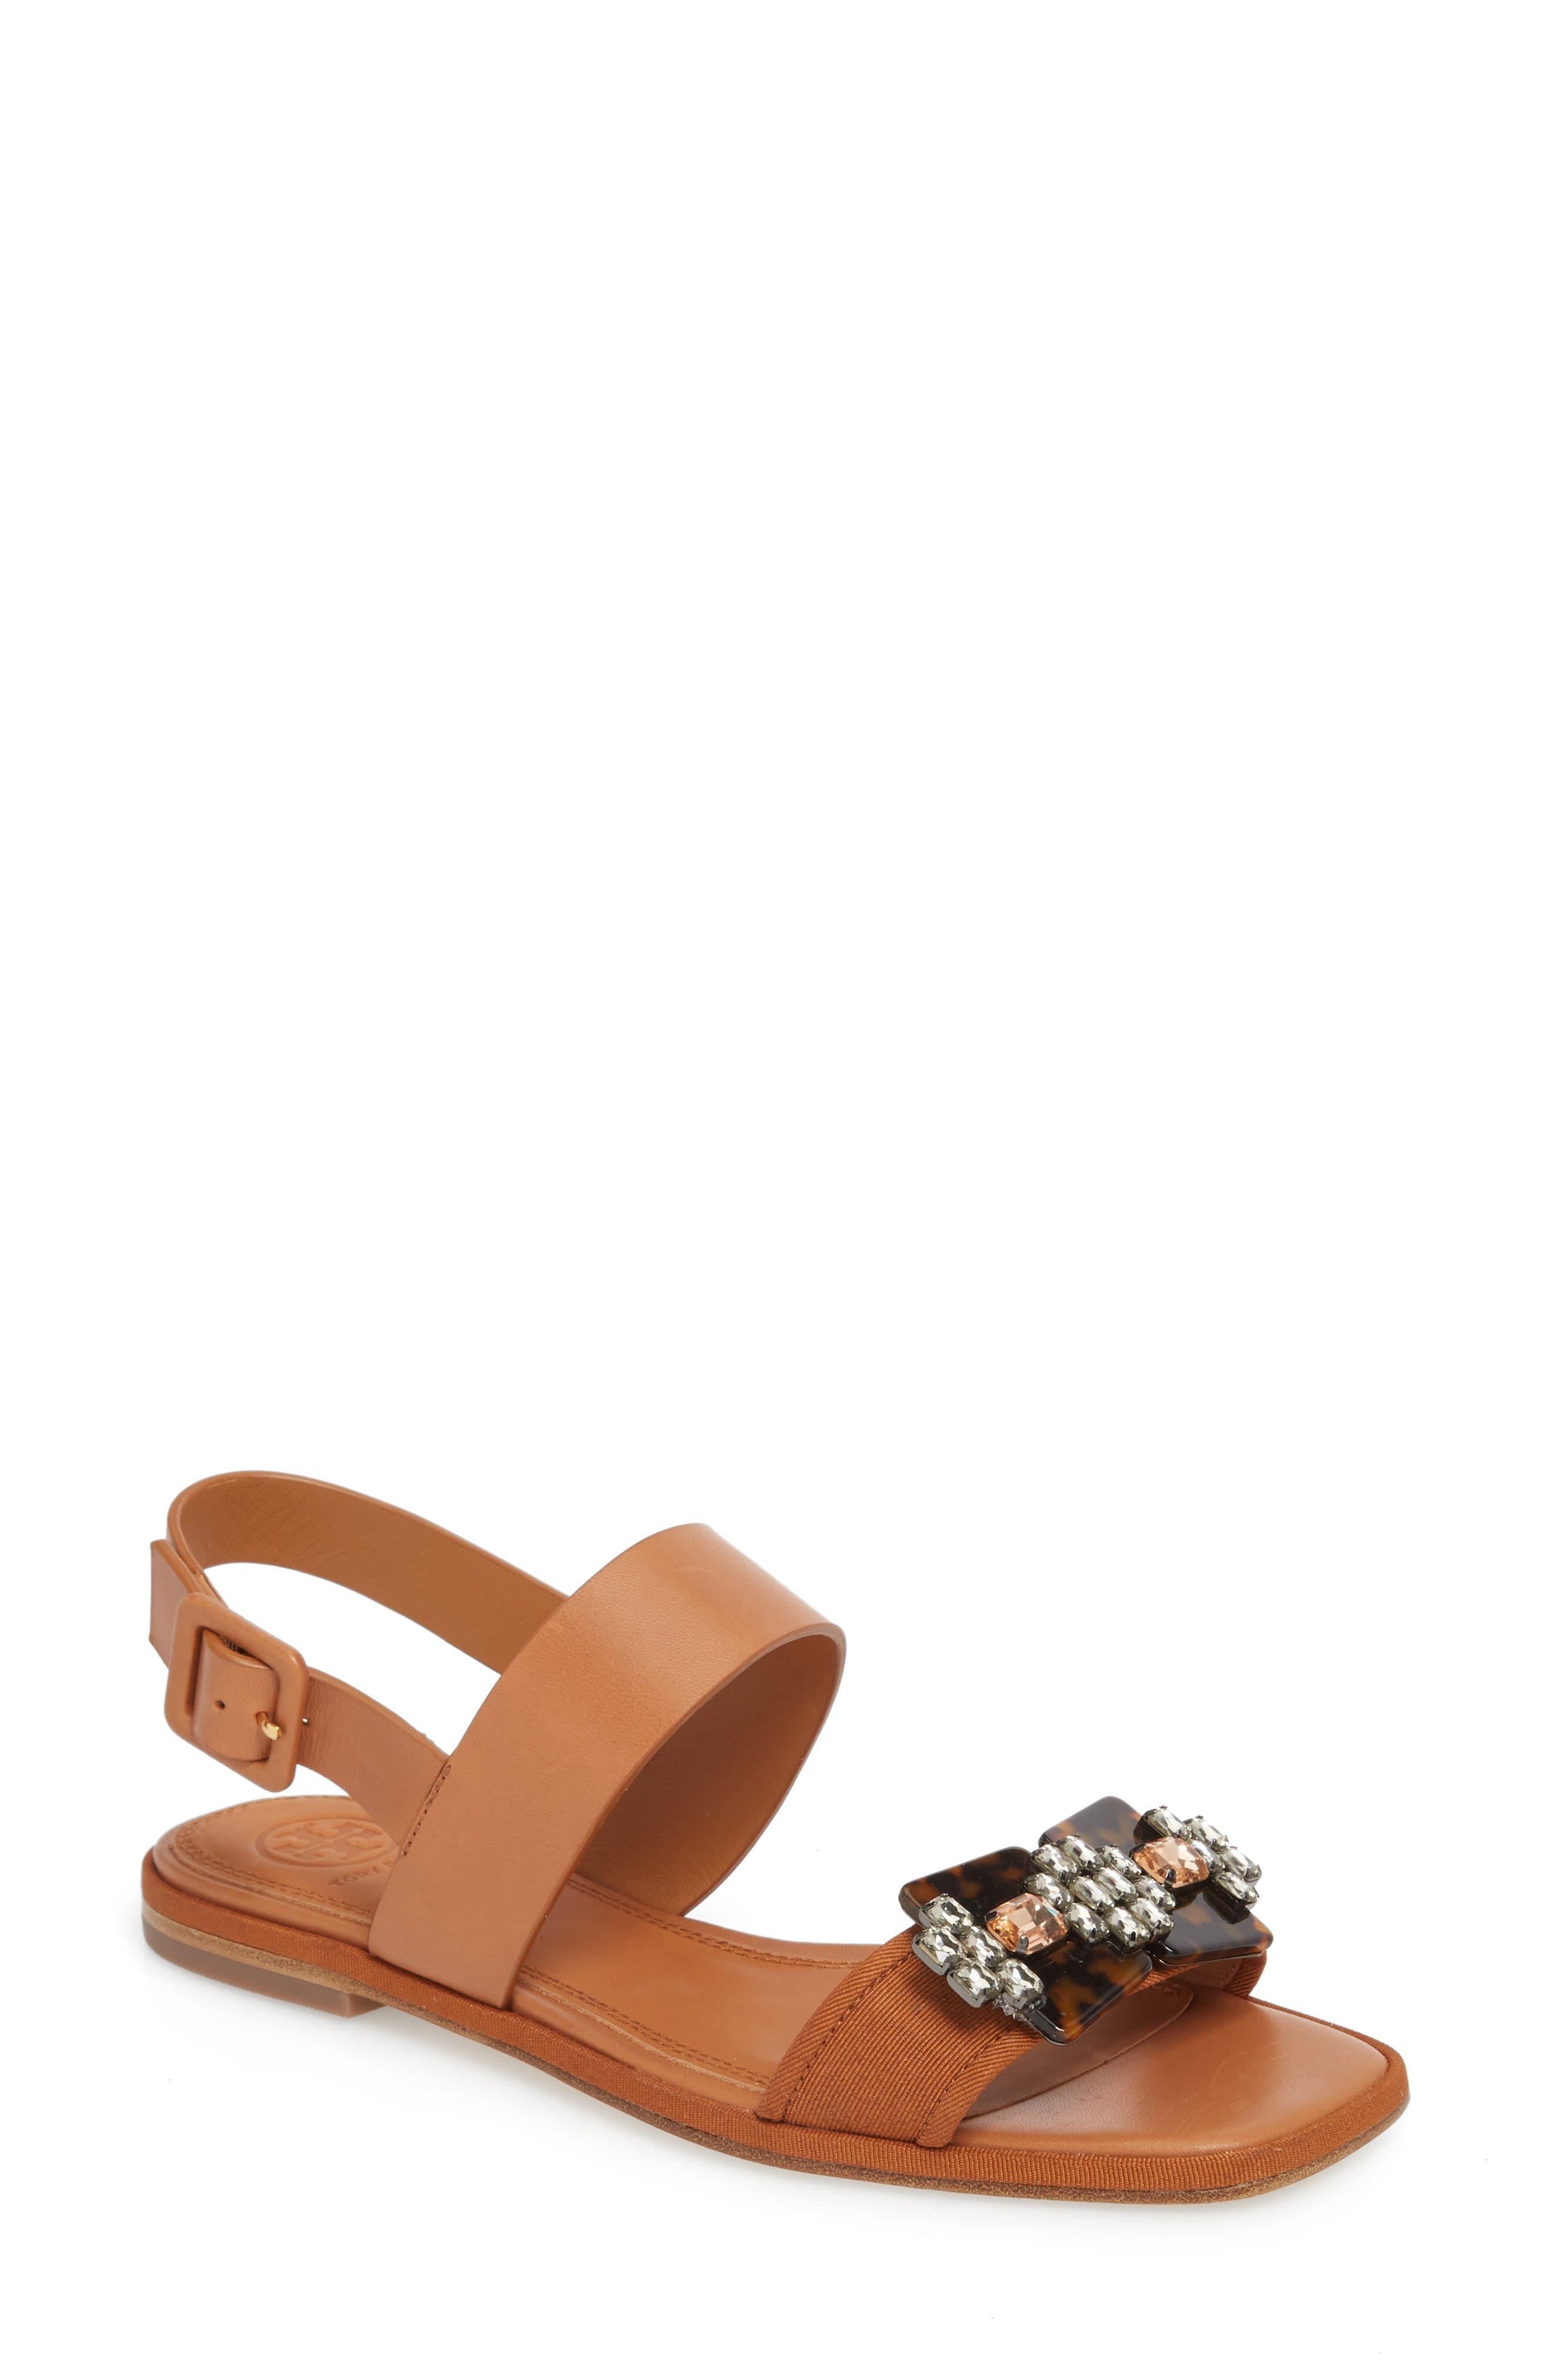 Delaney Embellished Double Strap Sandal,                         Main,                         color, 210